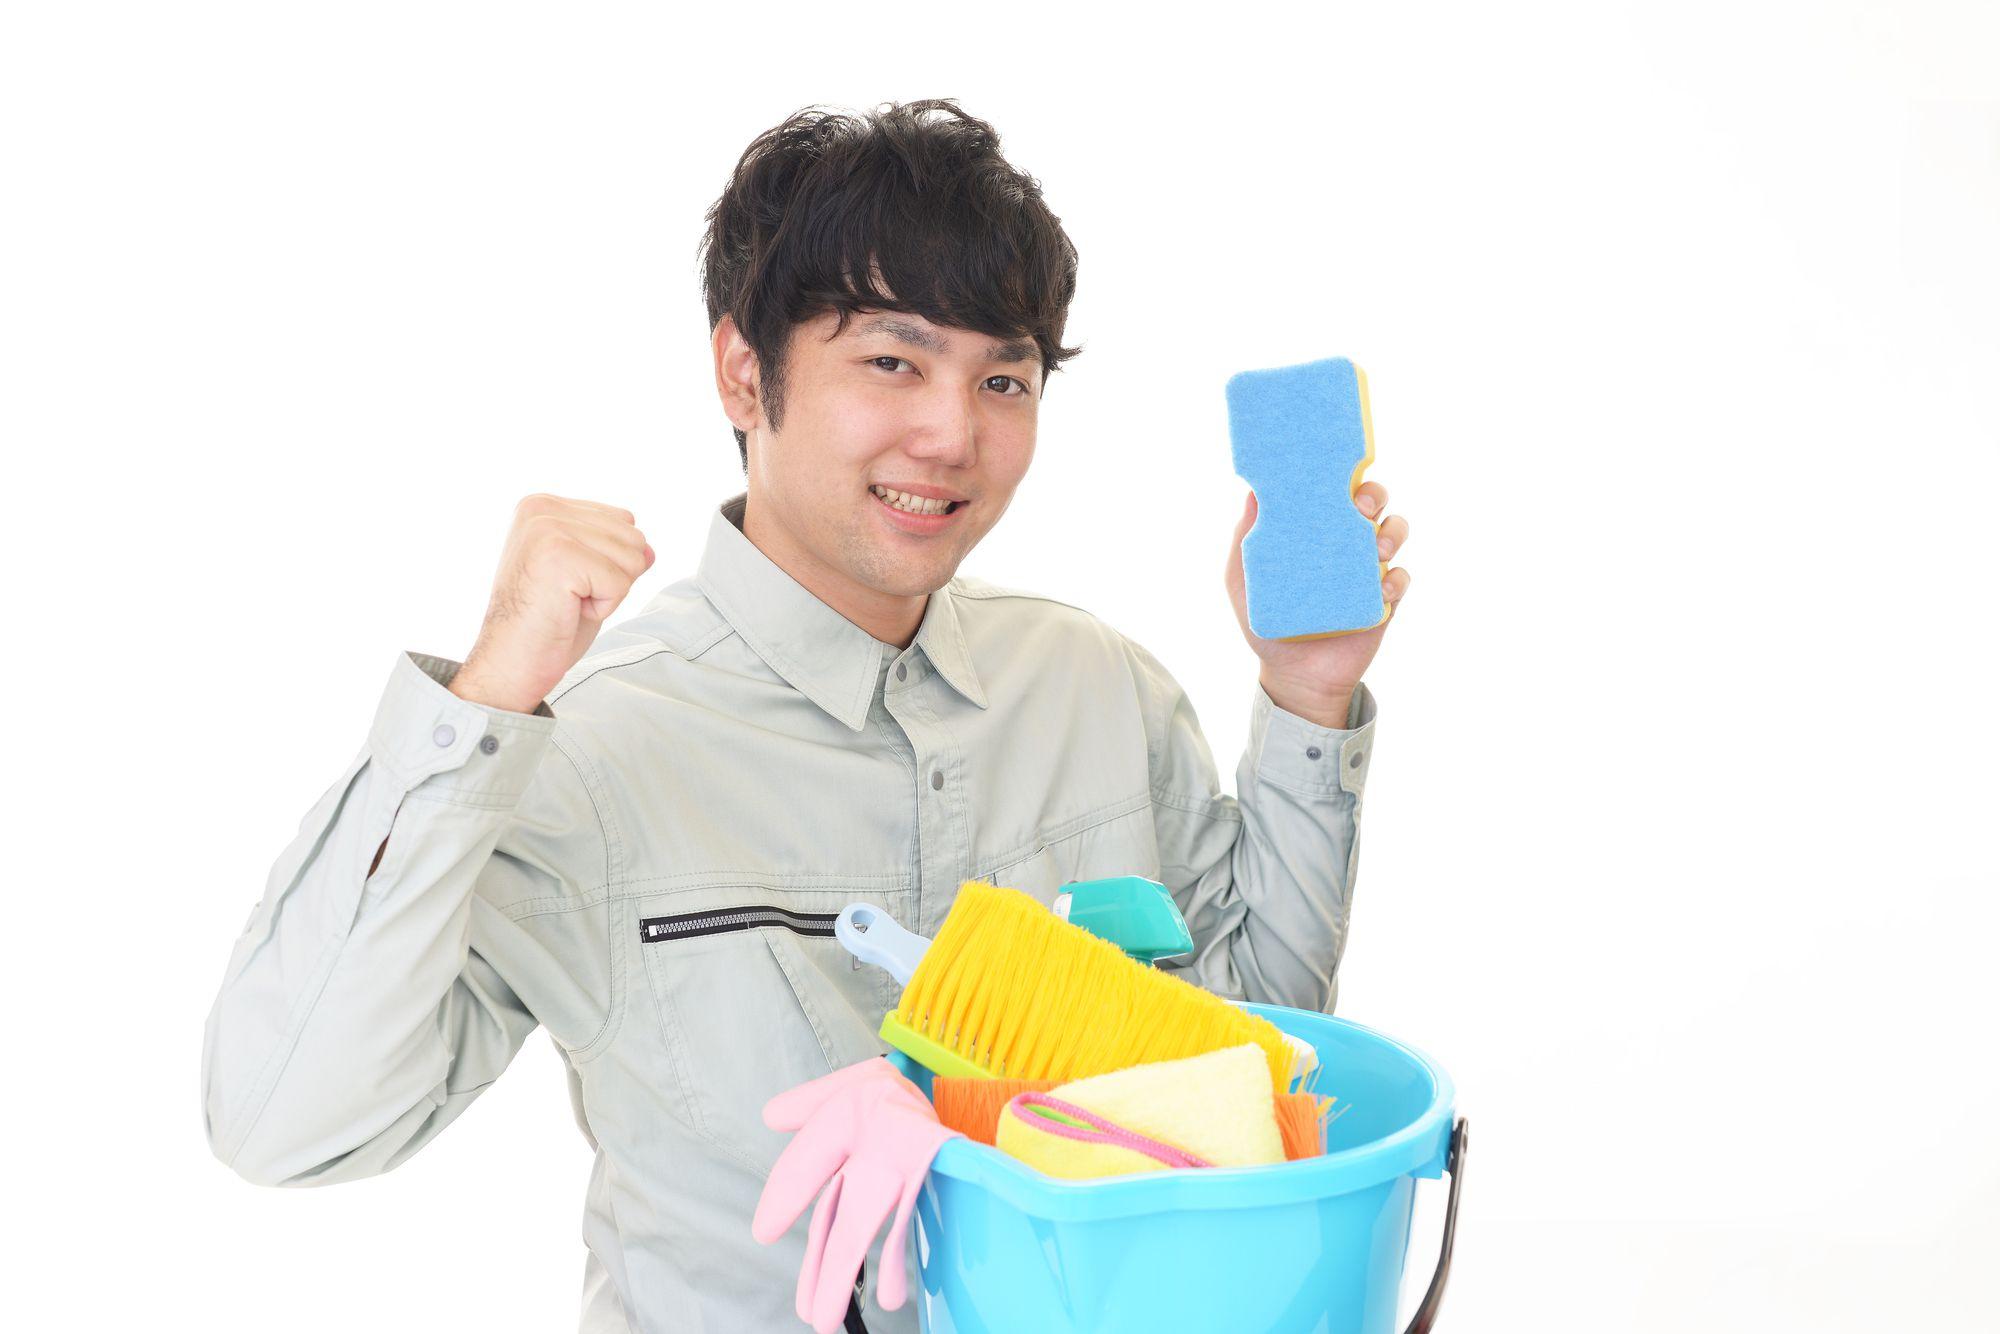 オフィス清掃サービスの利用を検討中!見積もりに料金はかかる?